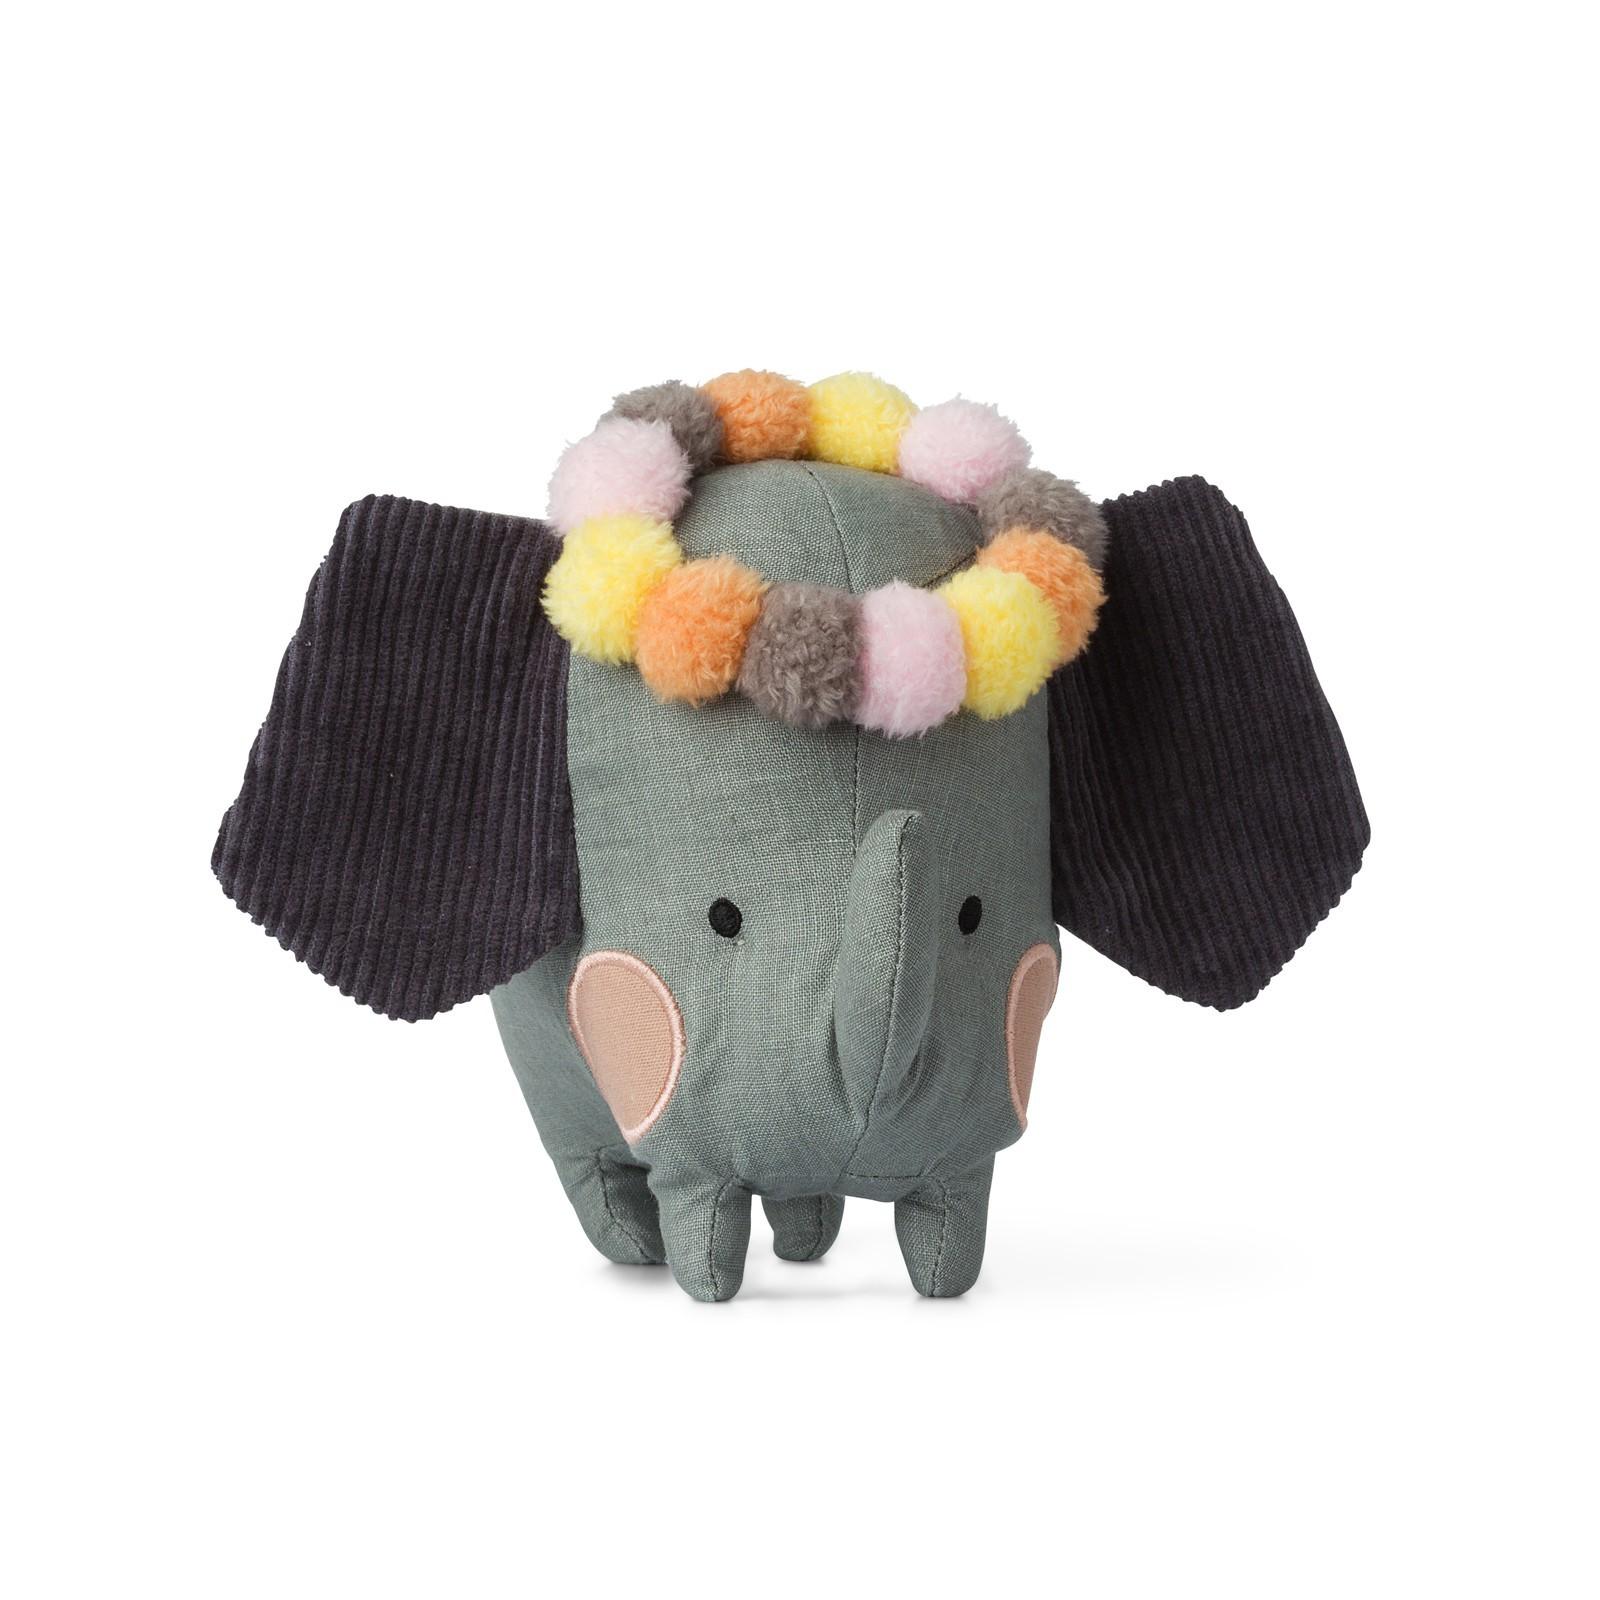 Plyšový sloník v krabičce - Picca Loulou (18 cm)